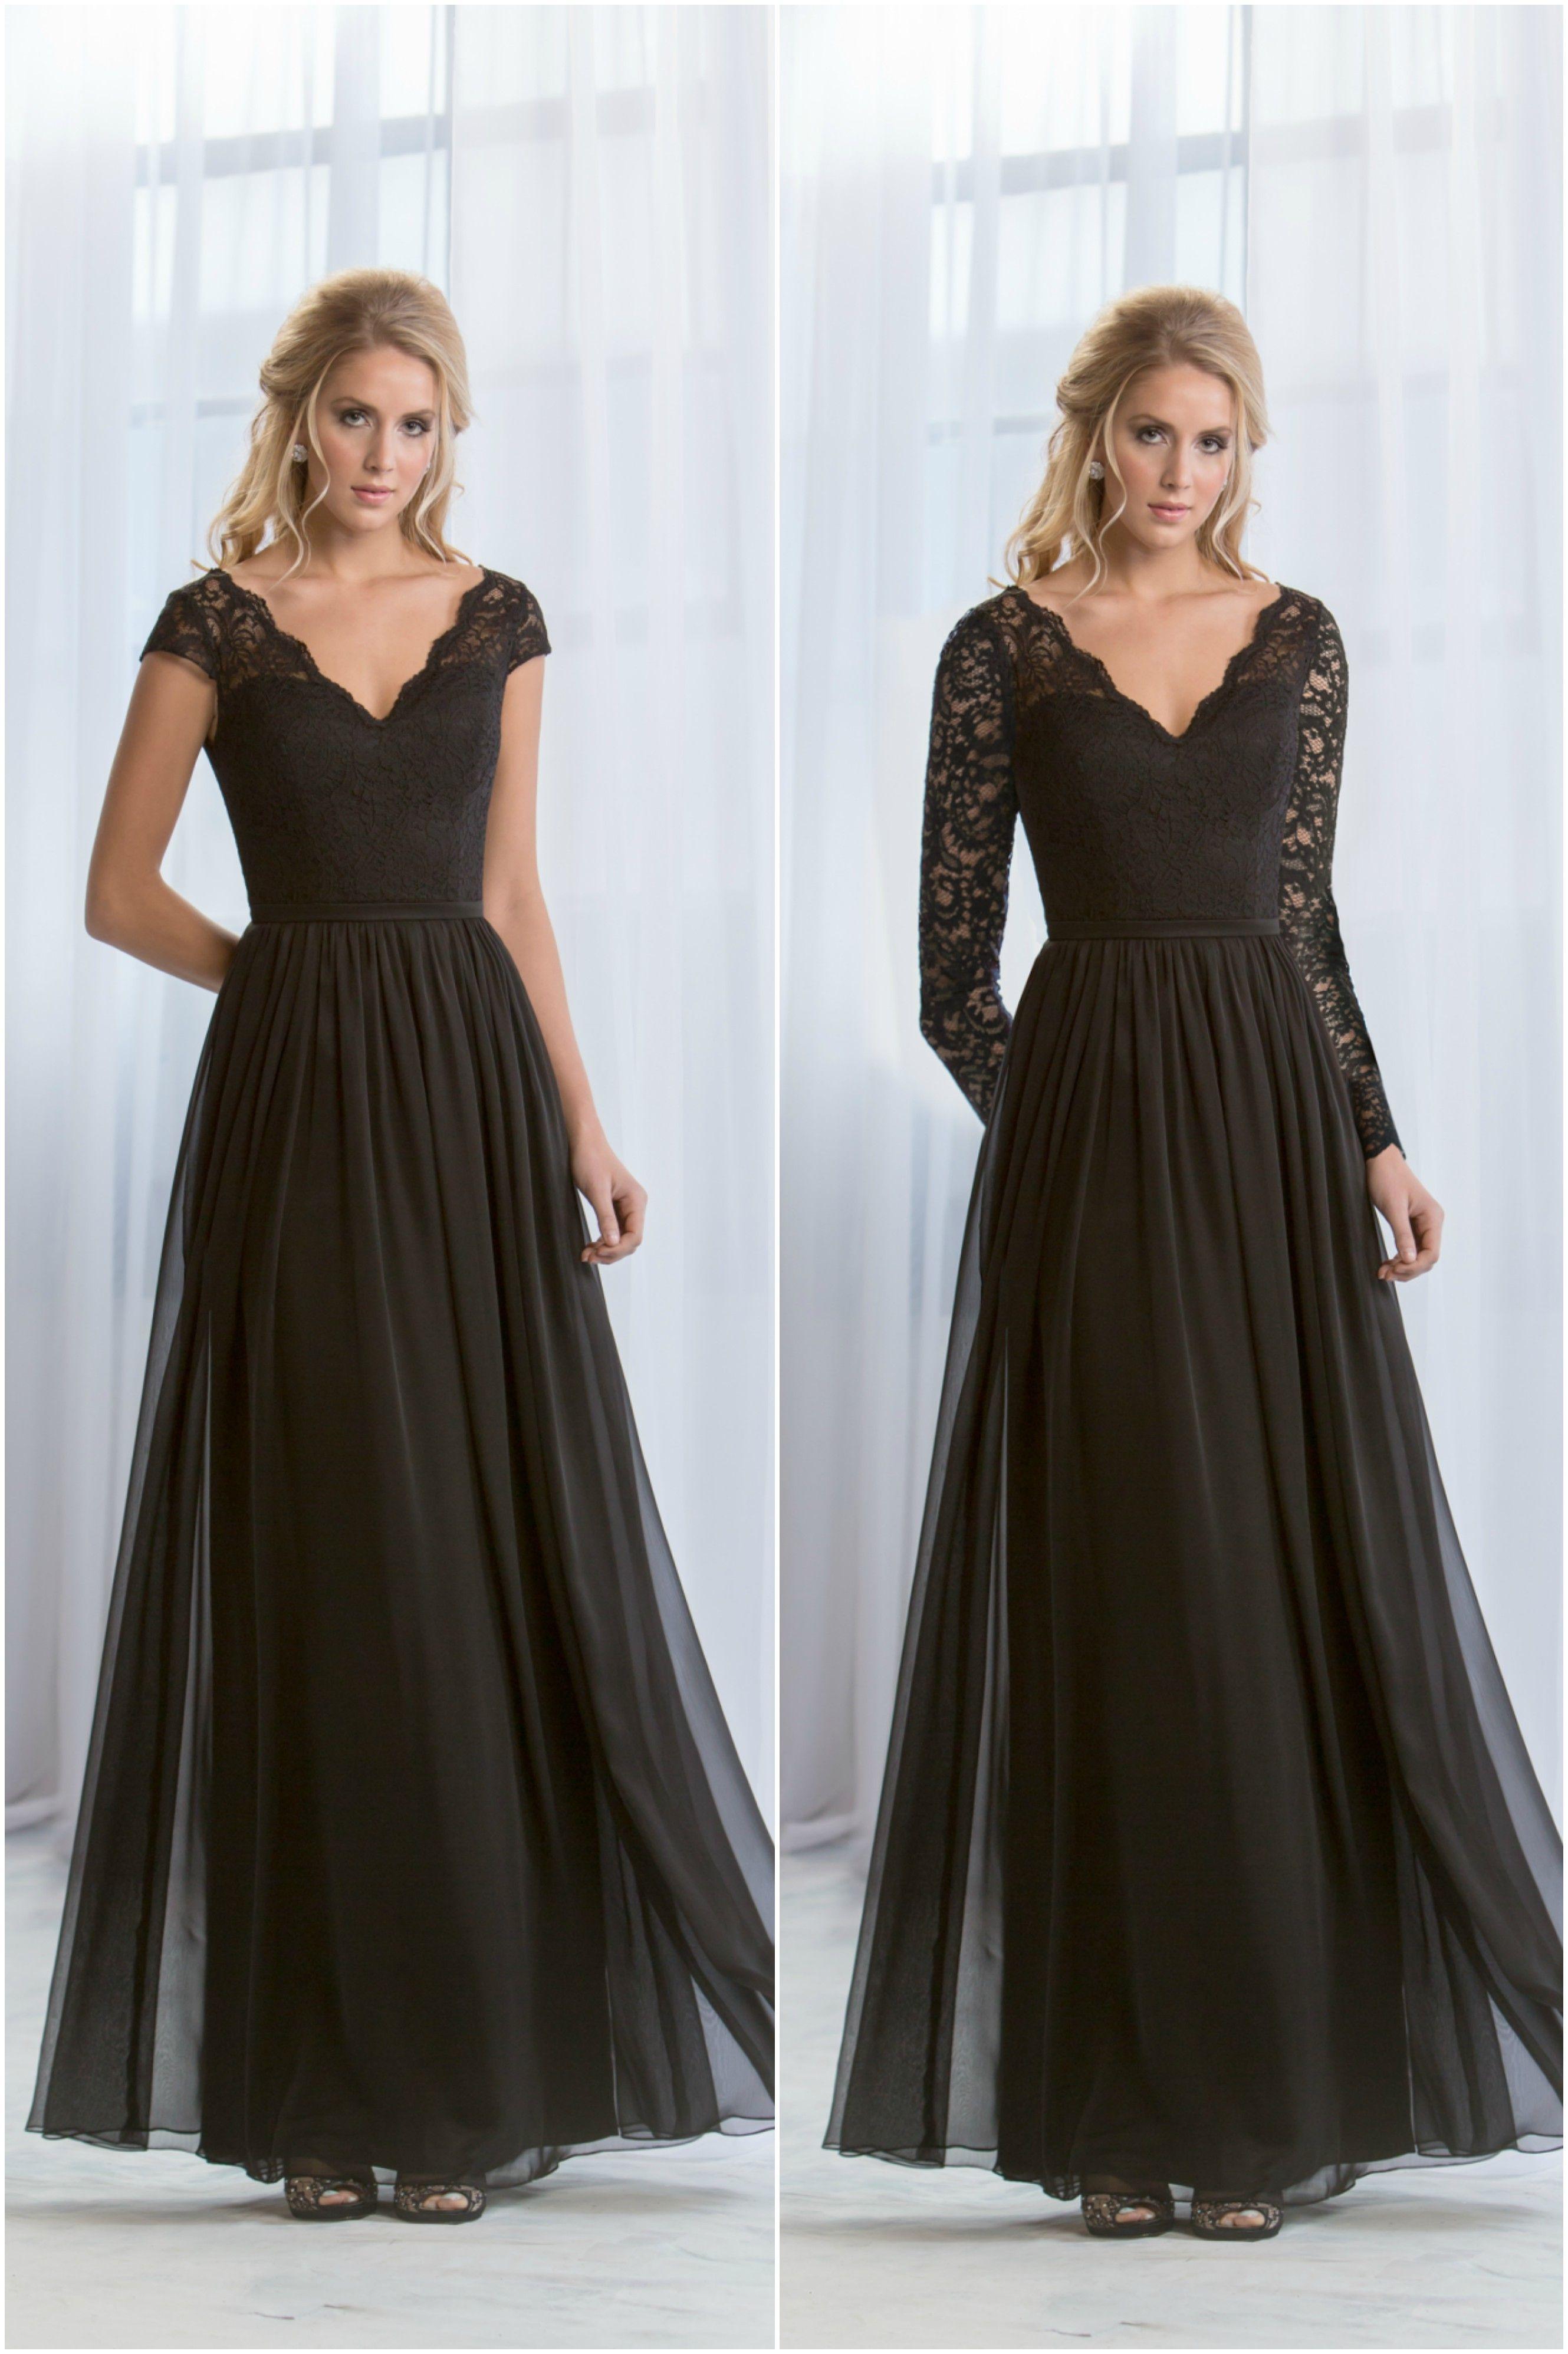 Jasmine Bridal Fall Bridesmaid Dresses Black Bridesmaid Dresses Black Bridesmaid Dresses Long